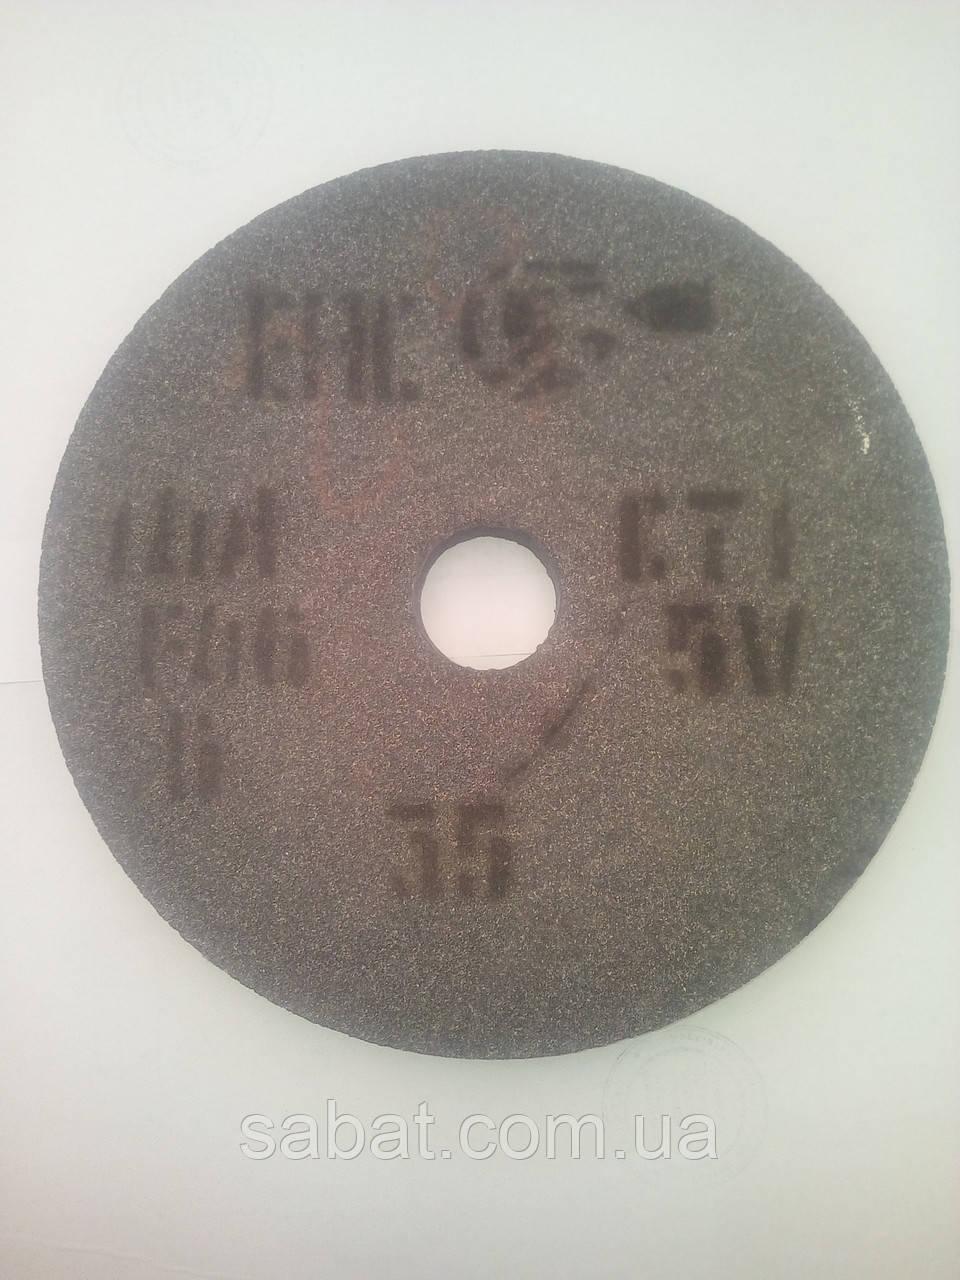 Круг шлифовальный серый 14А F46-80 СТ-СМ 80х20х20